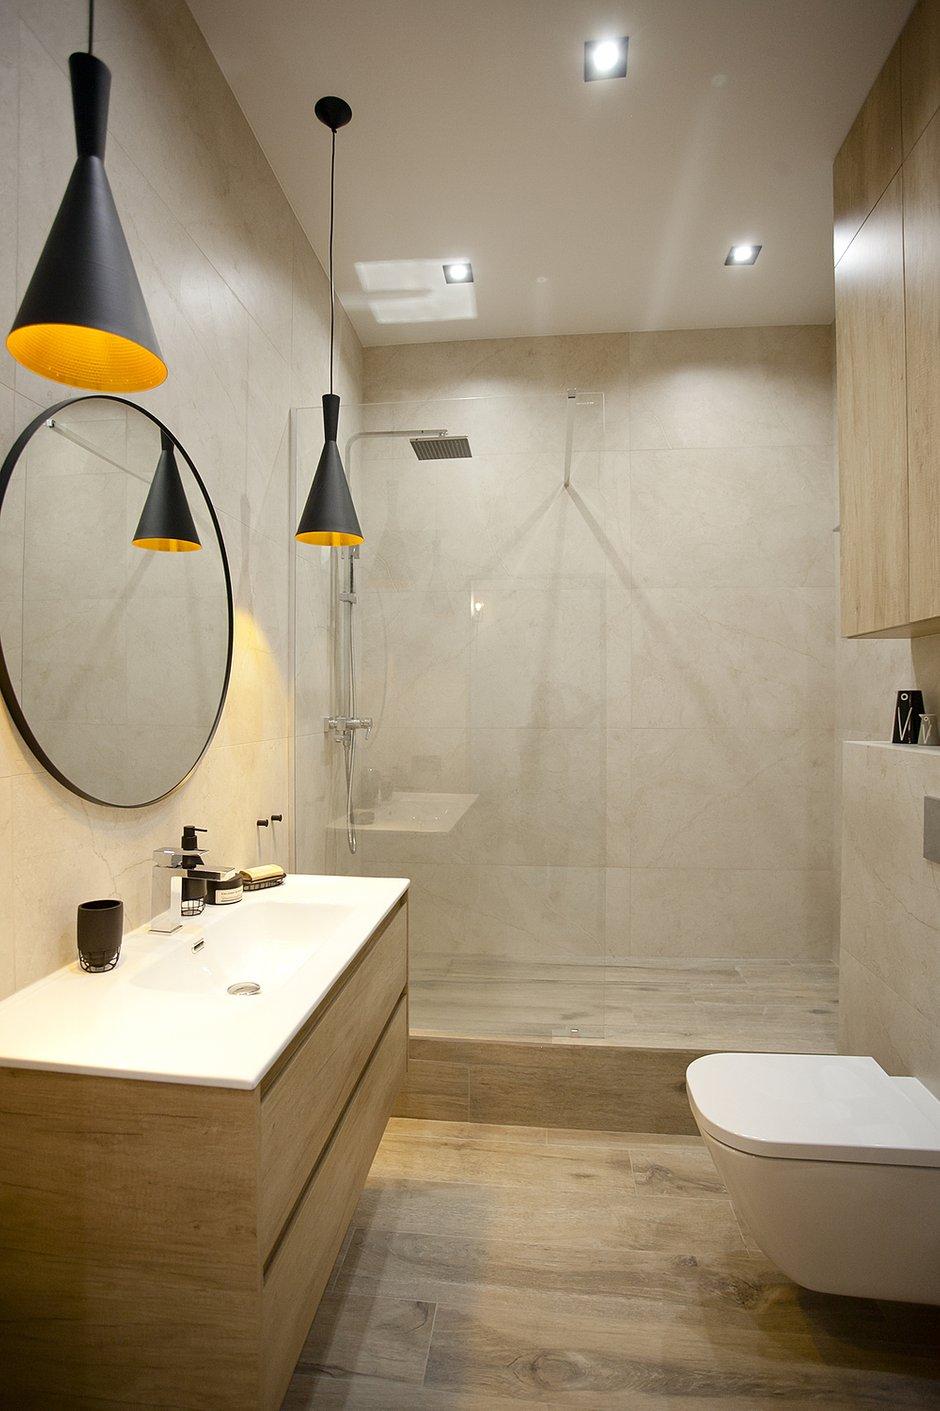 Фотография: Ванная в стиле Современный, Квартира, Проект недели, Москва, 1 комната, 40-60 метров, Аделина Шарапова – фото на INMYROOM